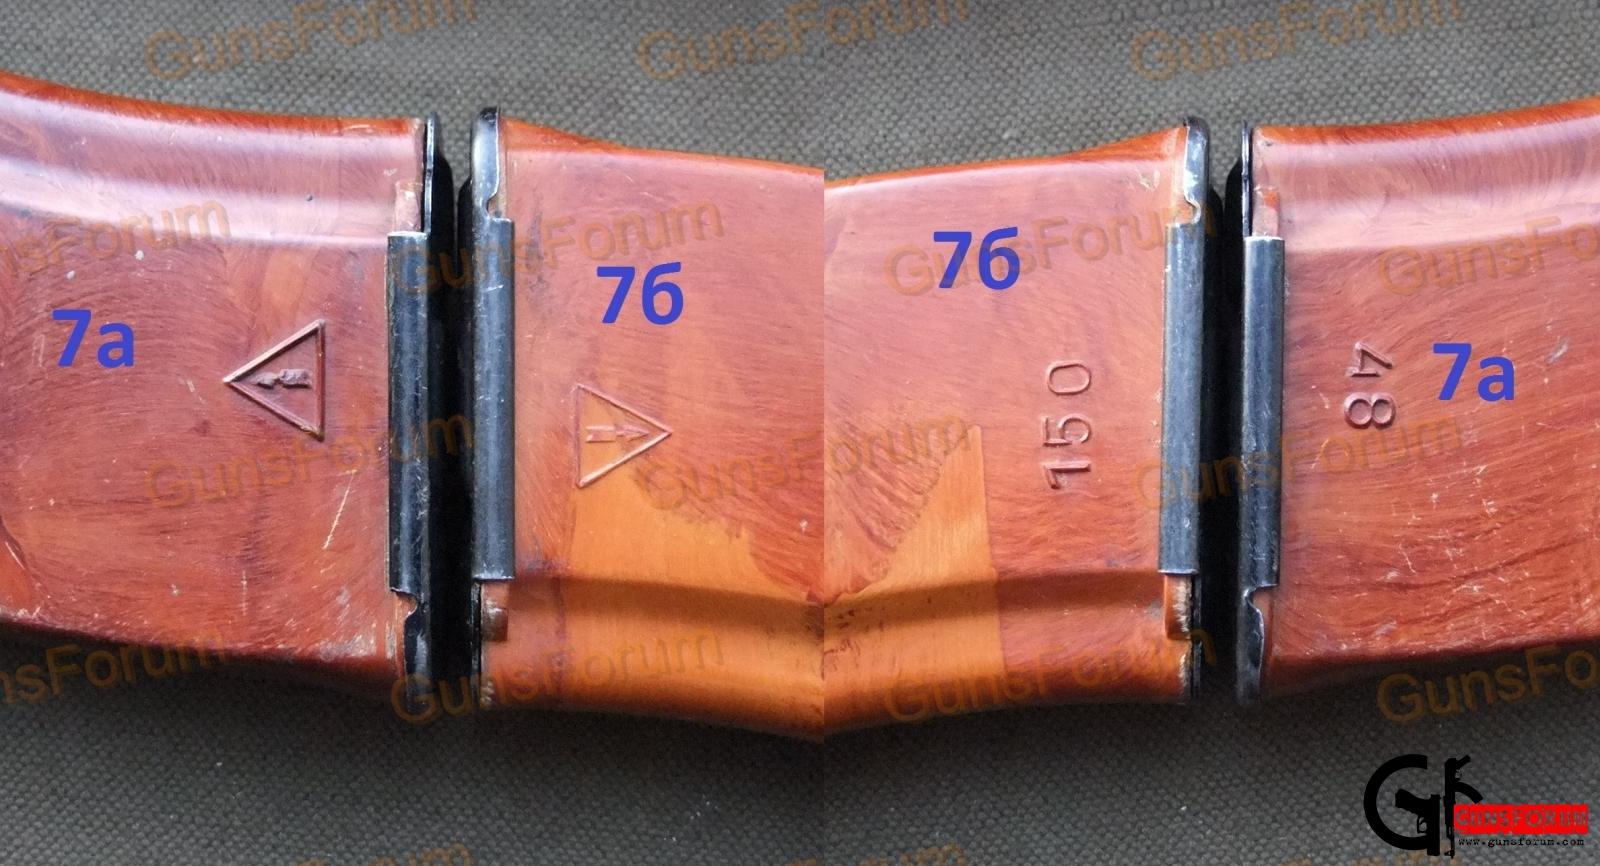 large_46.JPG.37f4170b0f0ee9d392efaa9dd079ae53.JPG